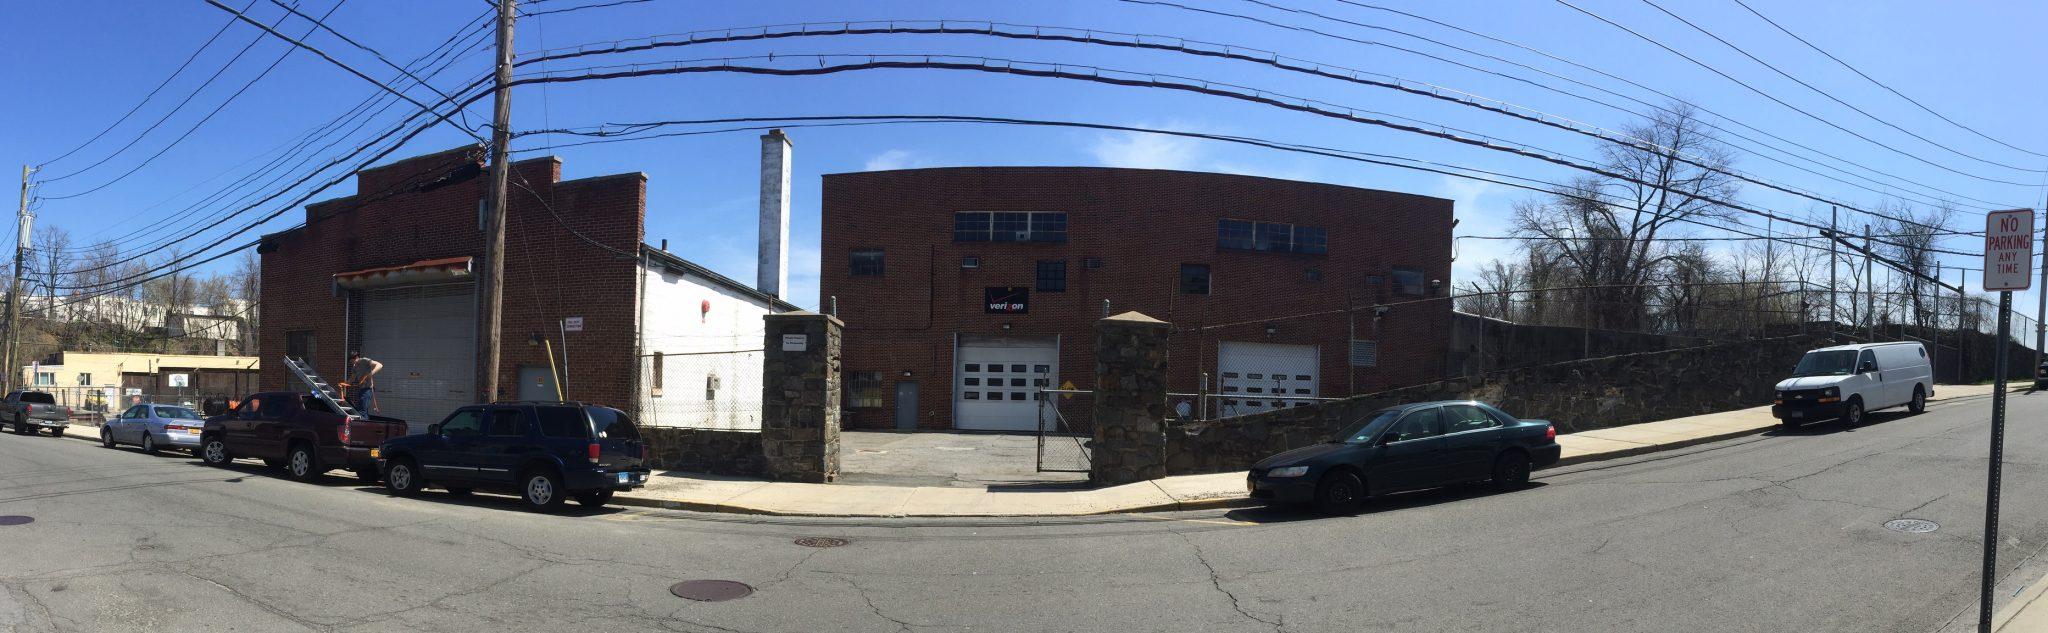 45 Ryan Avenue – Port Chester, NY